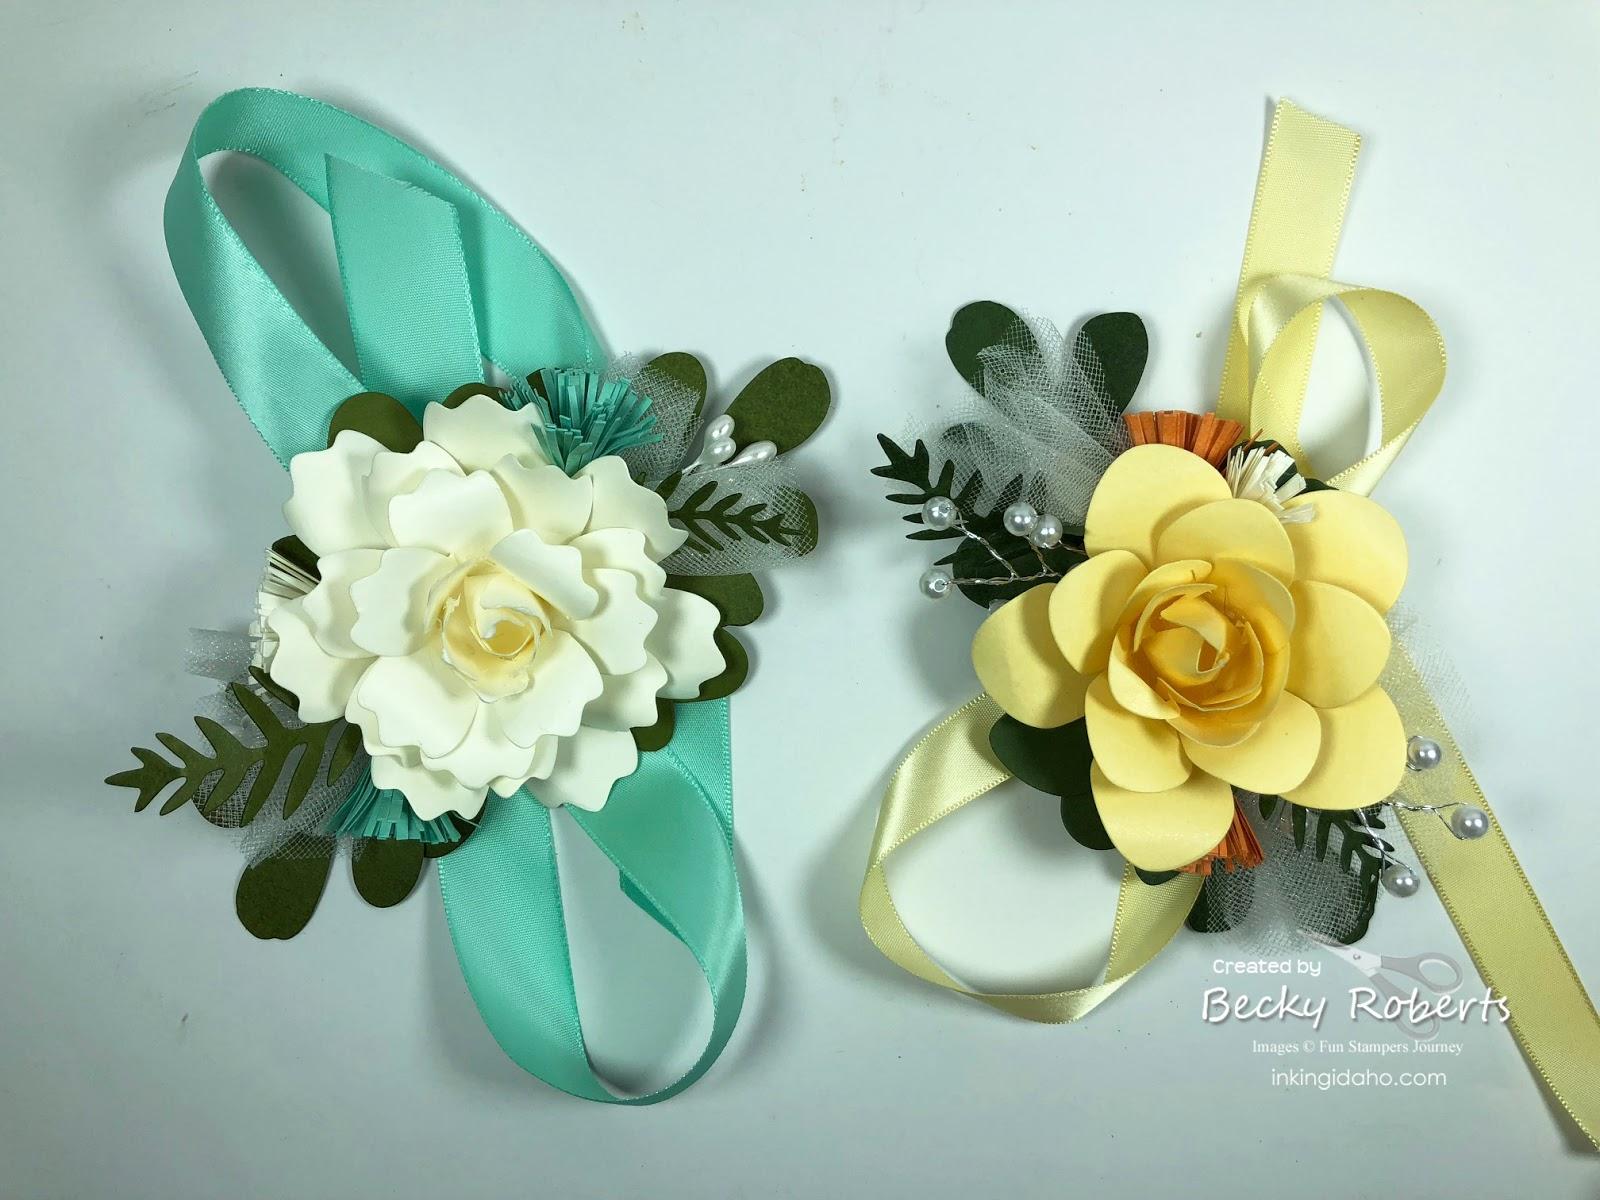 Paper Flower Wrist Corsages Inking Idaho Bloglovin